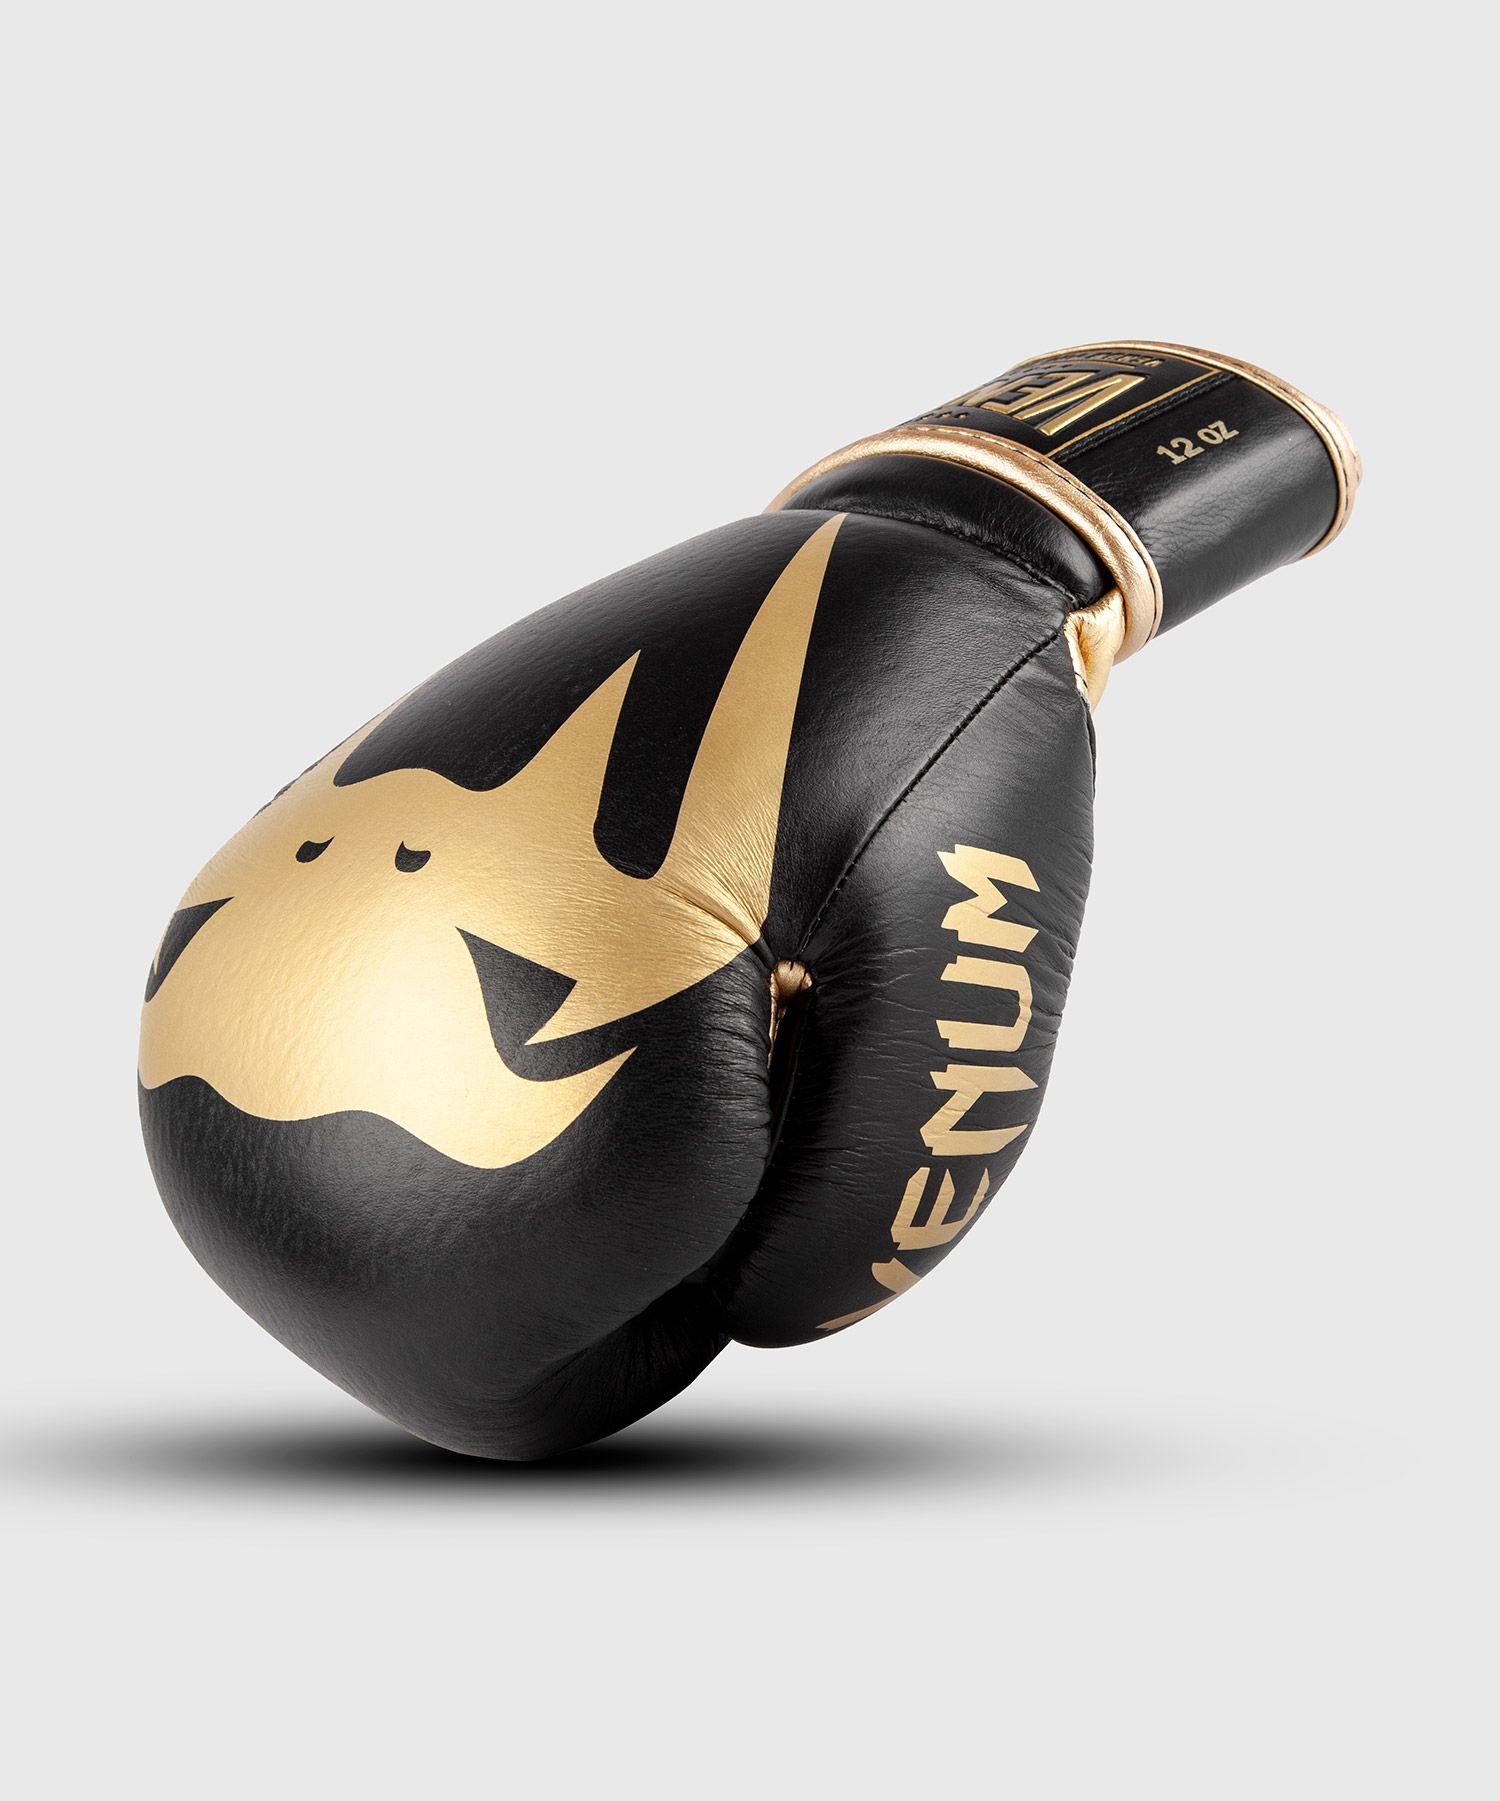 Gants de Boxe Pro Venum Giant 2.0 - Velcro - Noir/Or